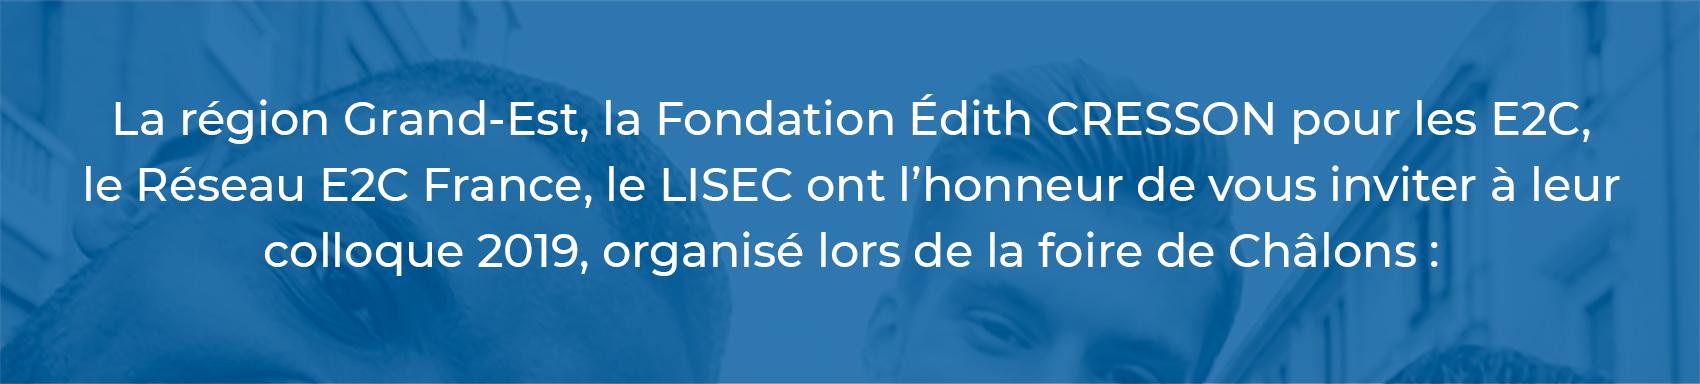 La région Grand-Est, la Fondation Édith CRESSON pour les E2C, le Réseau E2C France, le LISEC ont l'honneur de vous inviter à leur colloque 2019, organisé lors de la foire de Châlons :